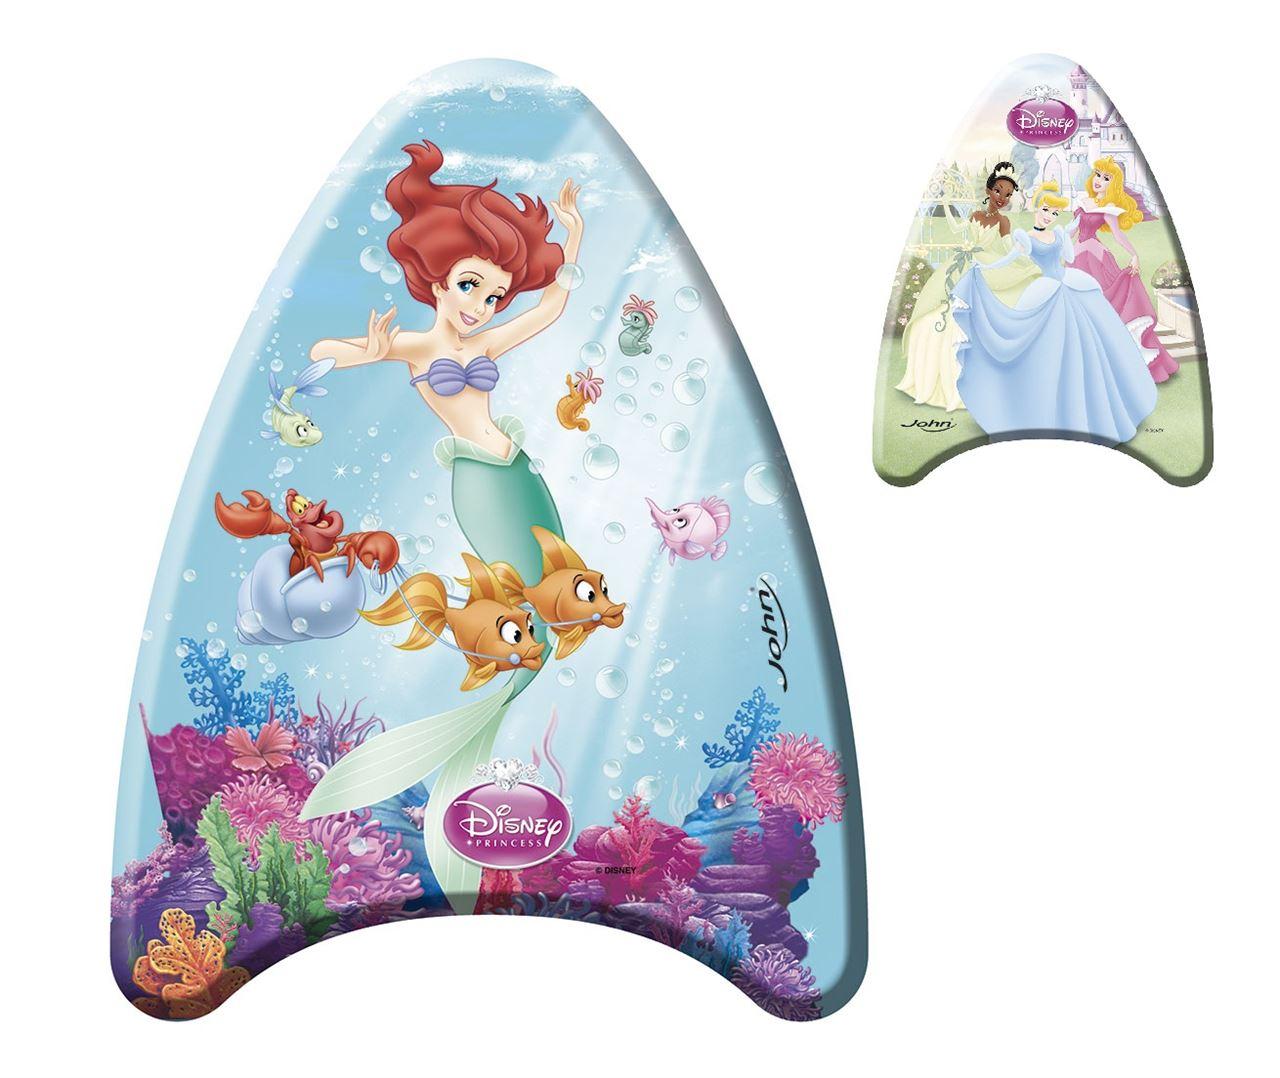 dac6e226153 Детска дъска за плуване - Принцеси - аксесоари за плуване - цена